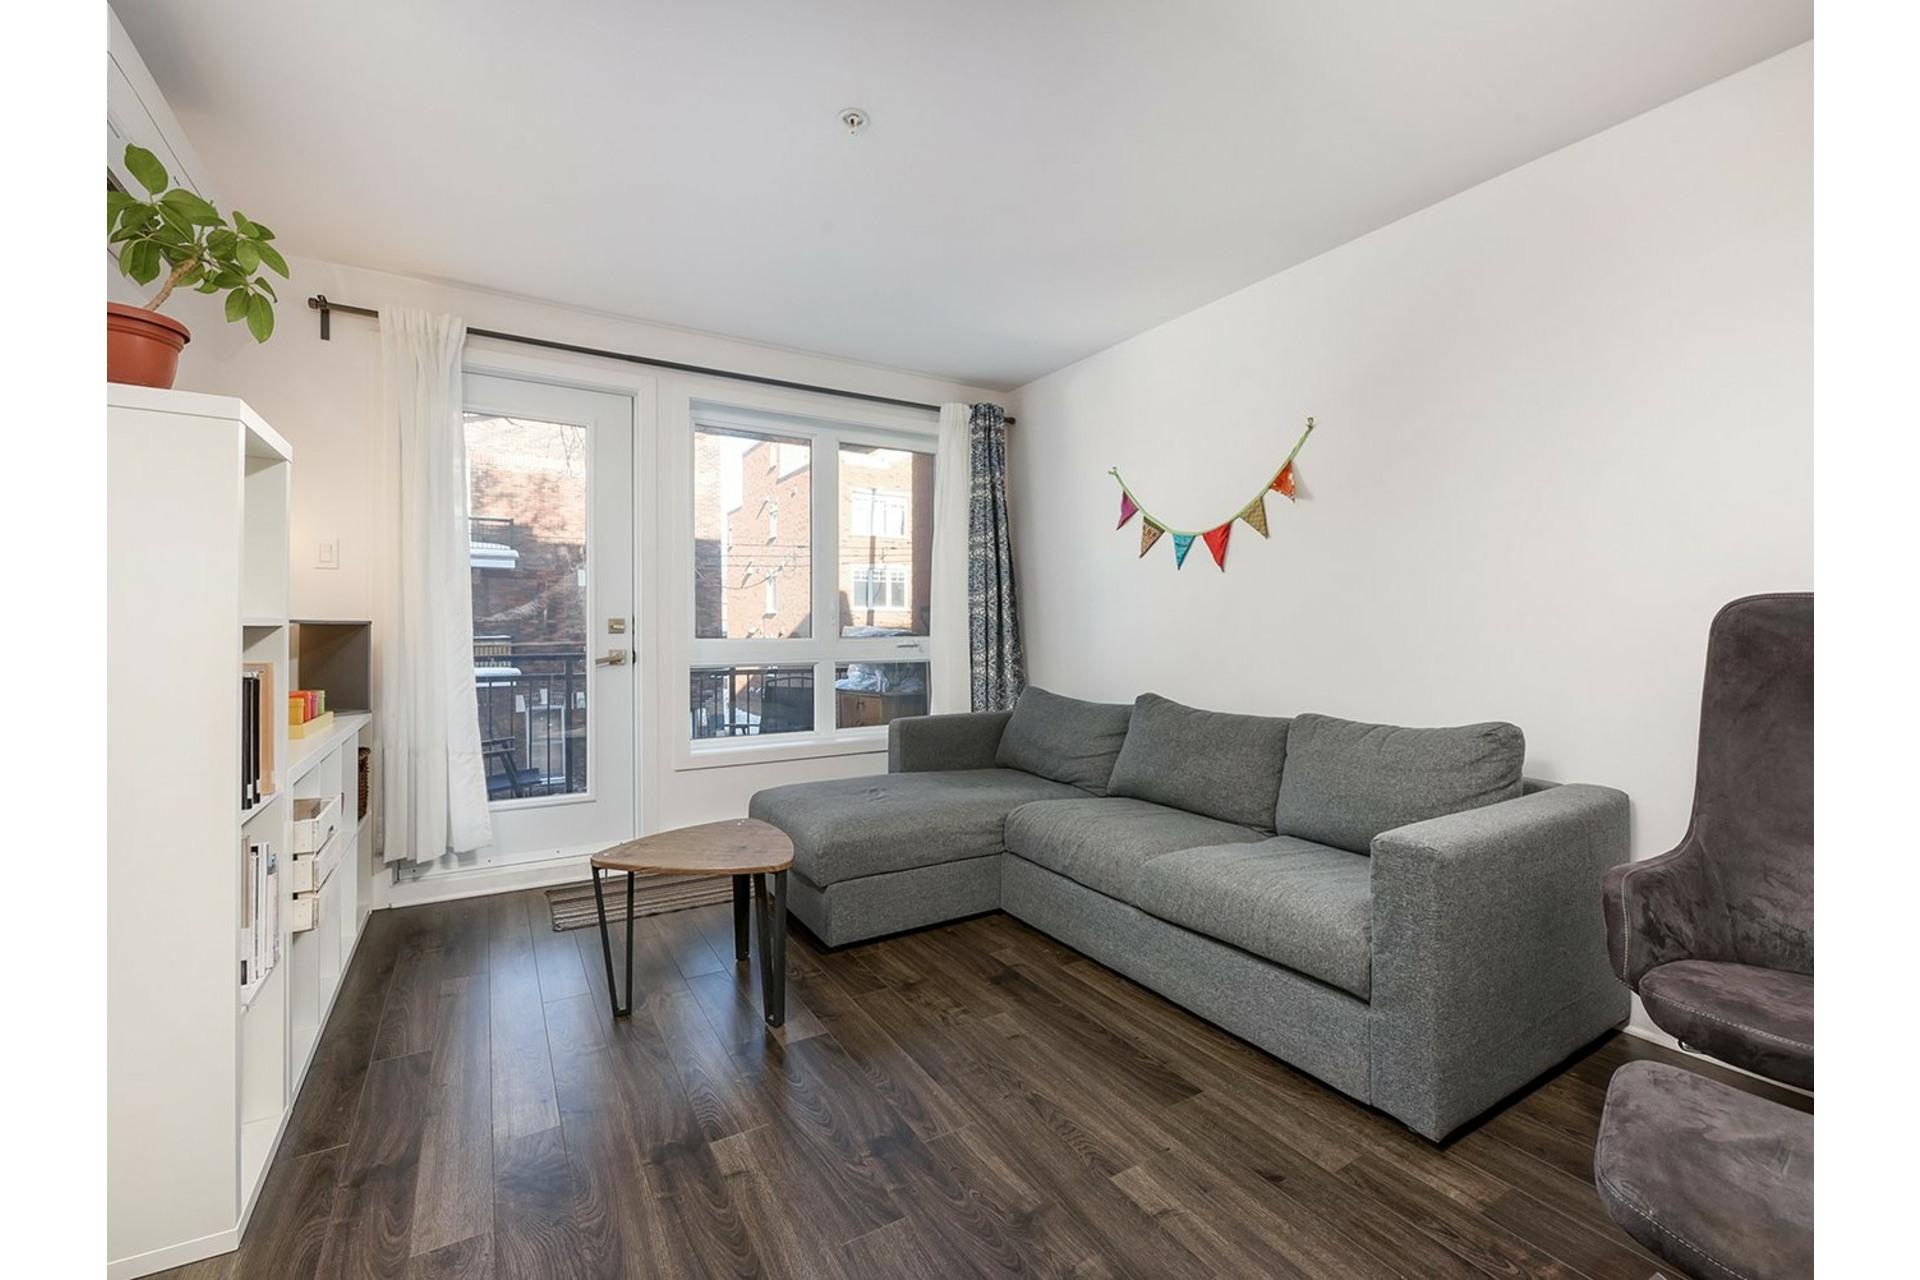 image 9 - Appartement À vendre Ville-Marie Montréal  - 5 pièces